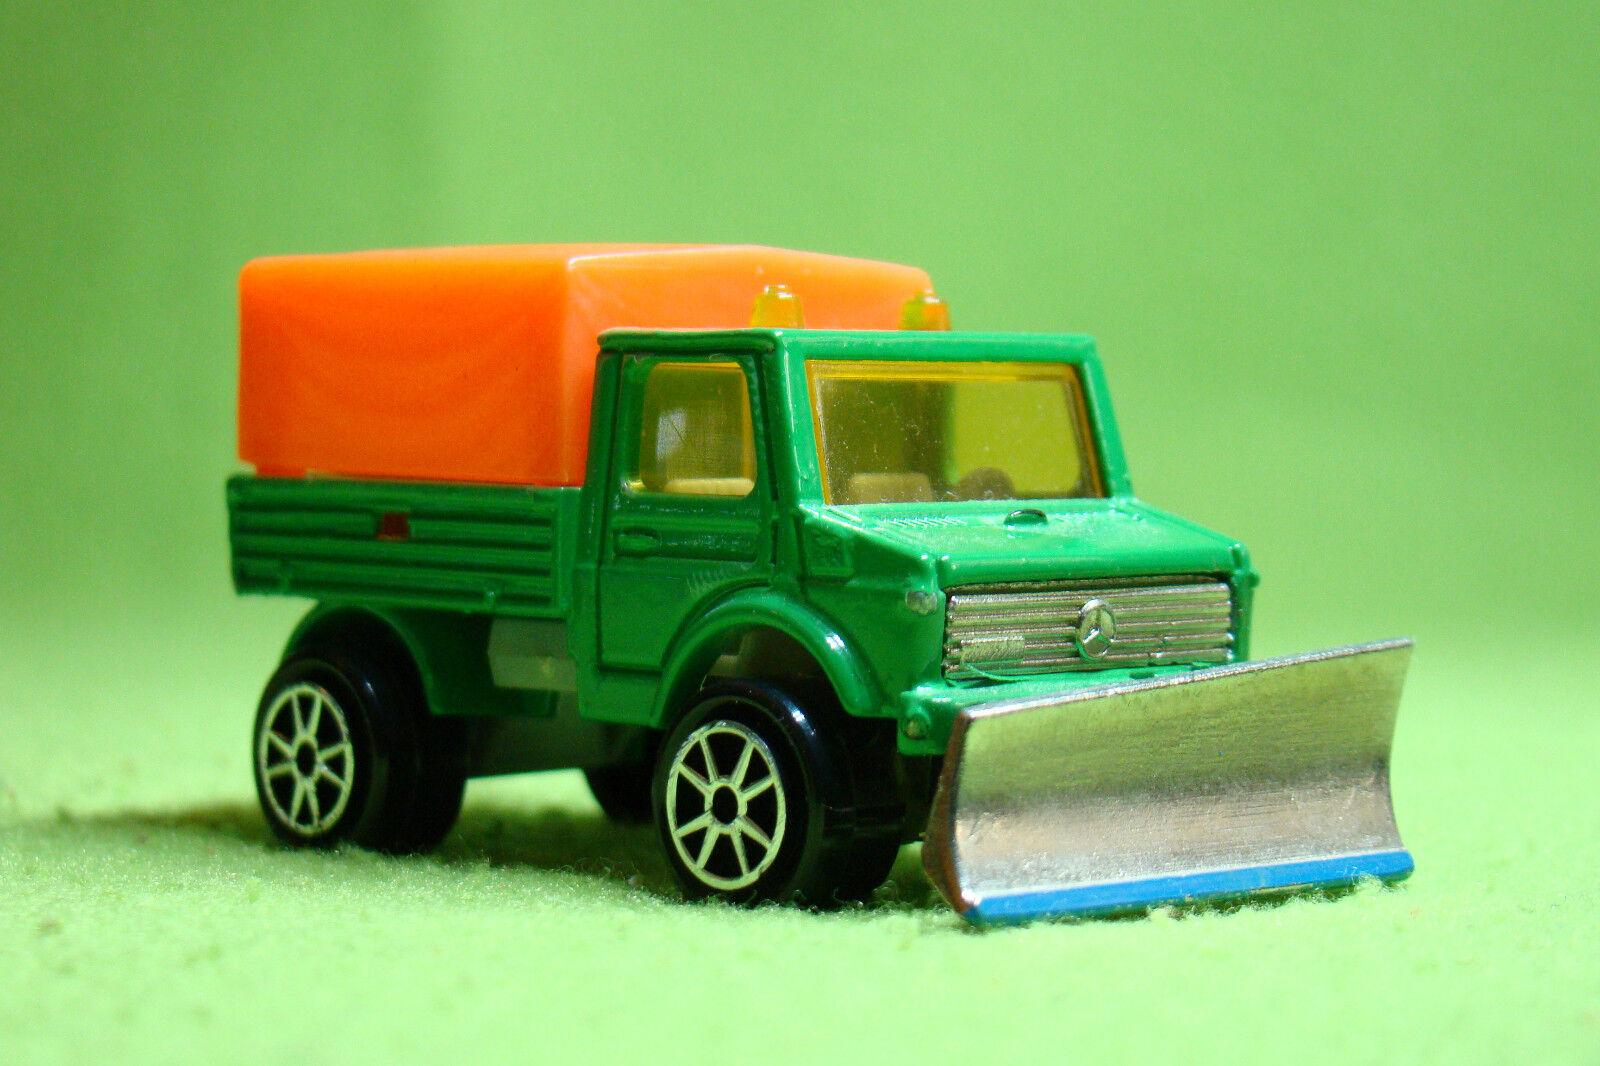 Maqueta de coche-Majorette 224 Unimog-transportador con pala pala pala para nieve-en su embalaje original 8866b8